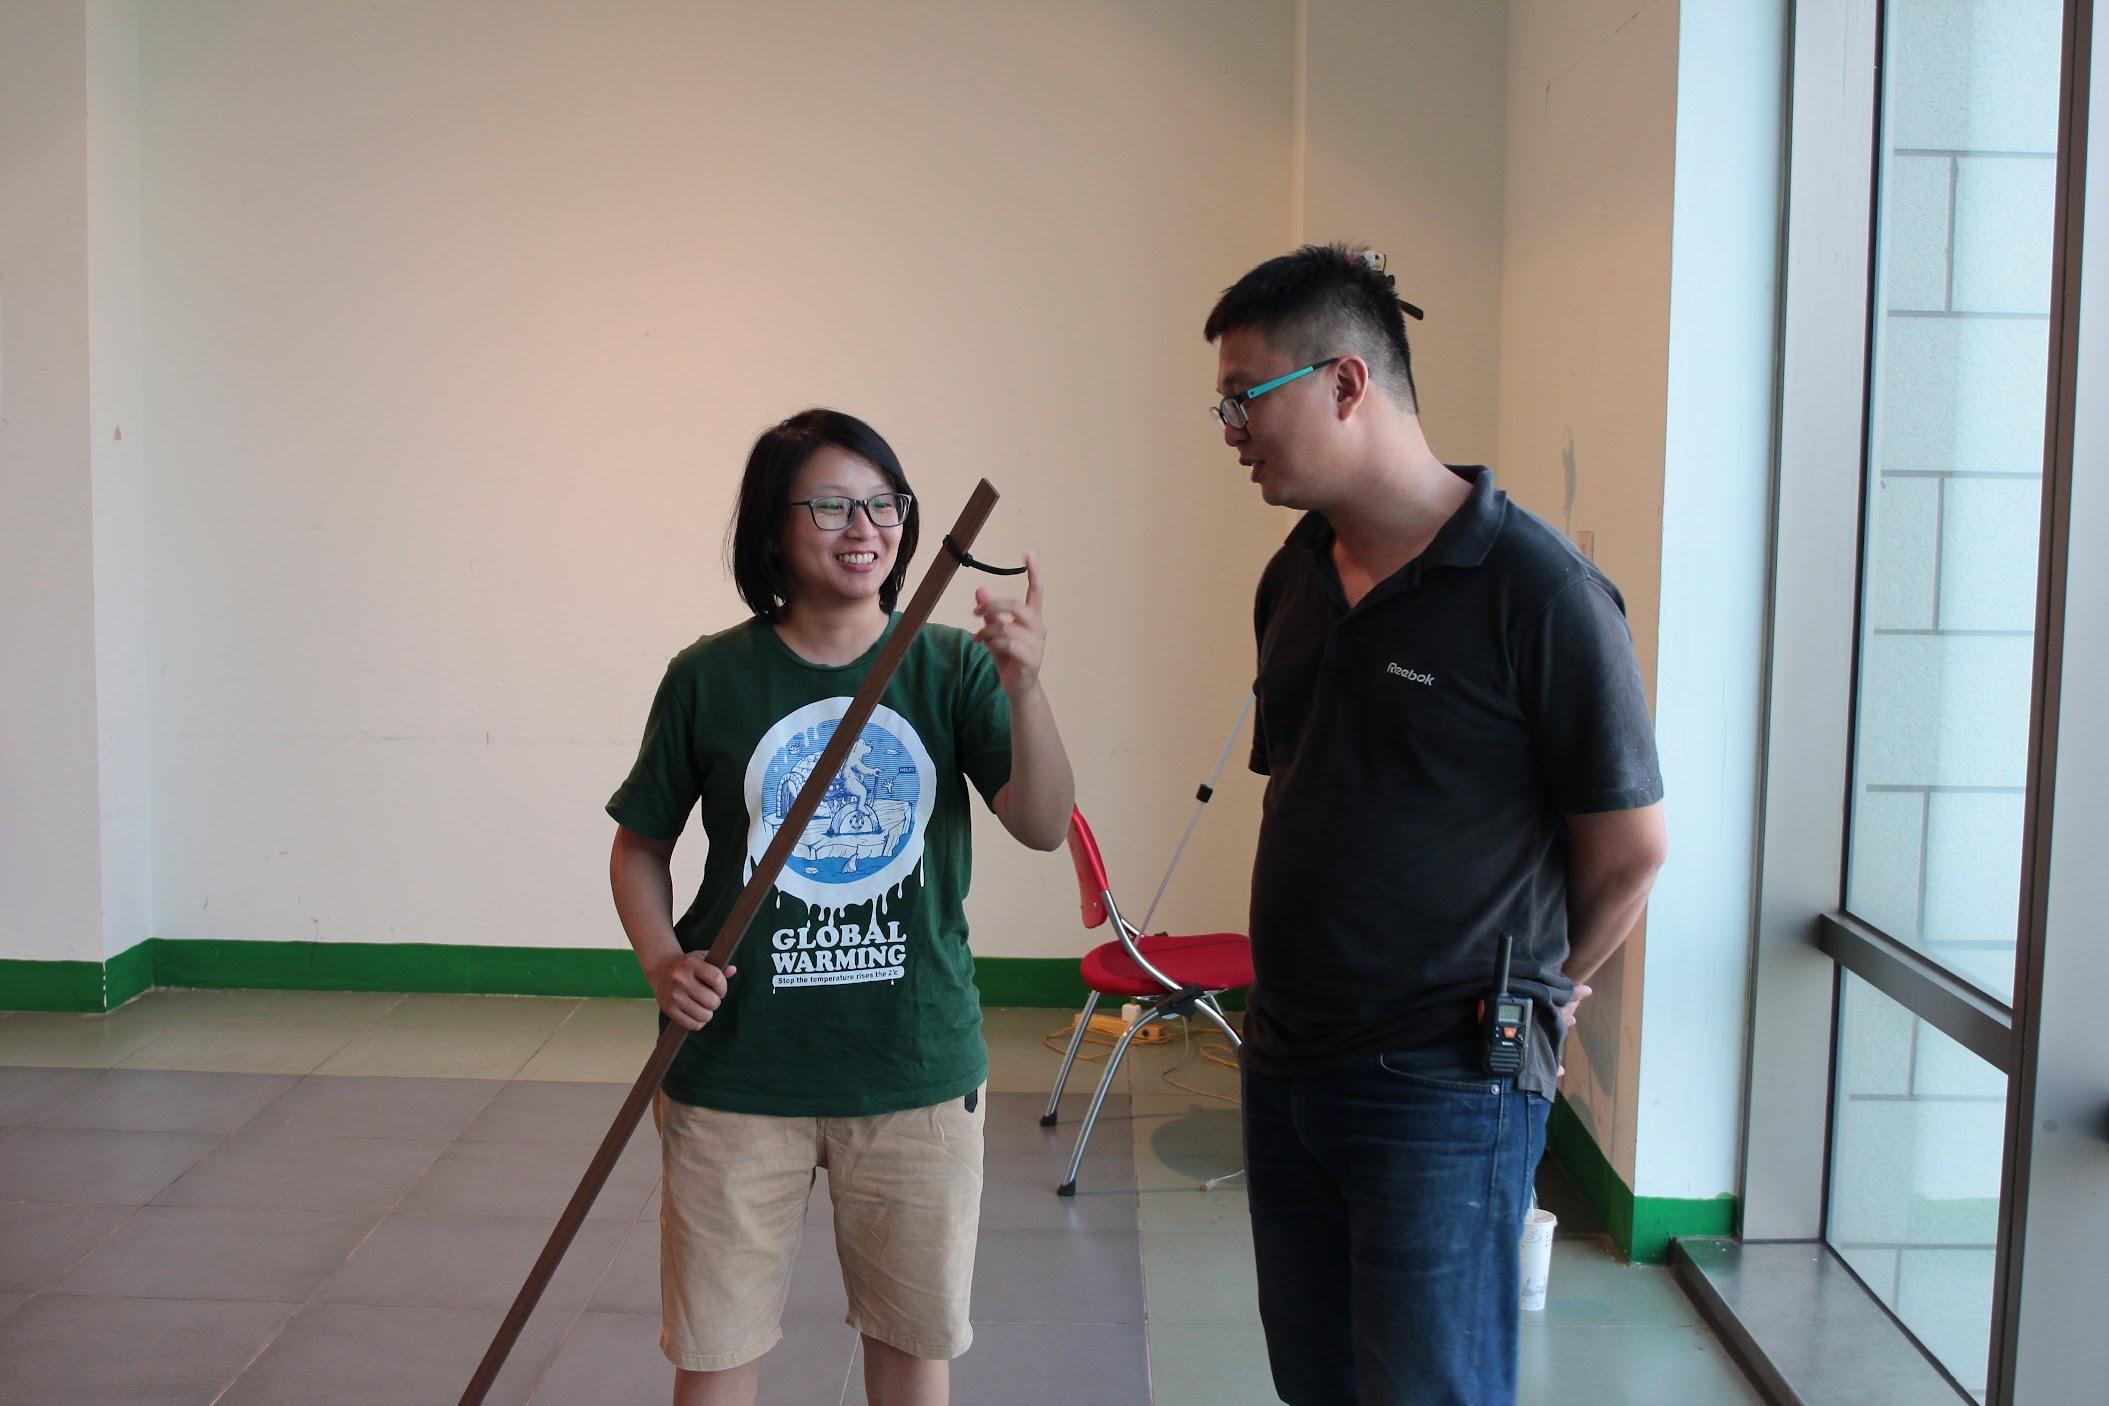 當然也有一些道具幫忙處理線材啦,例如這個木棍....